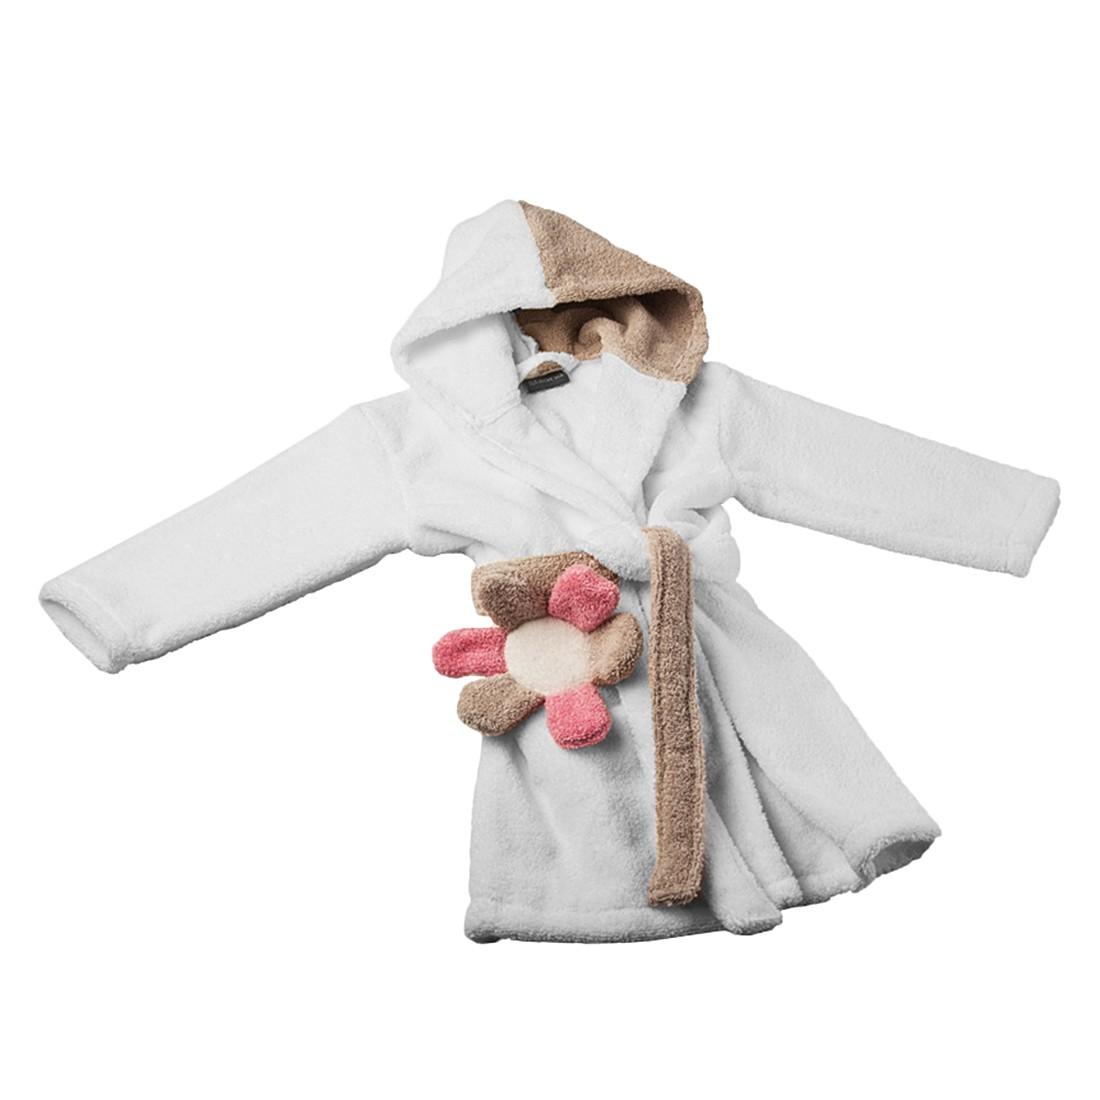 Kinderbademantel HAPPY – 100% Baumwolle – Vanille/Creme – Größe: 104, stilana online kaufen